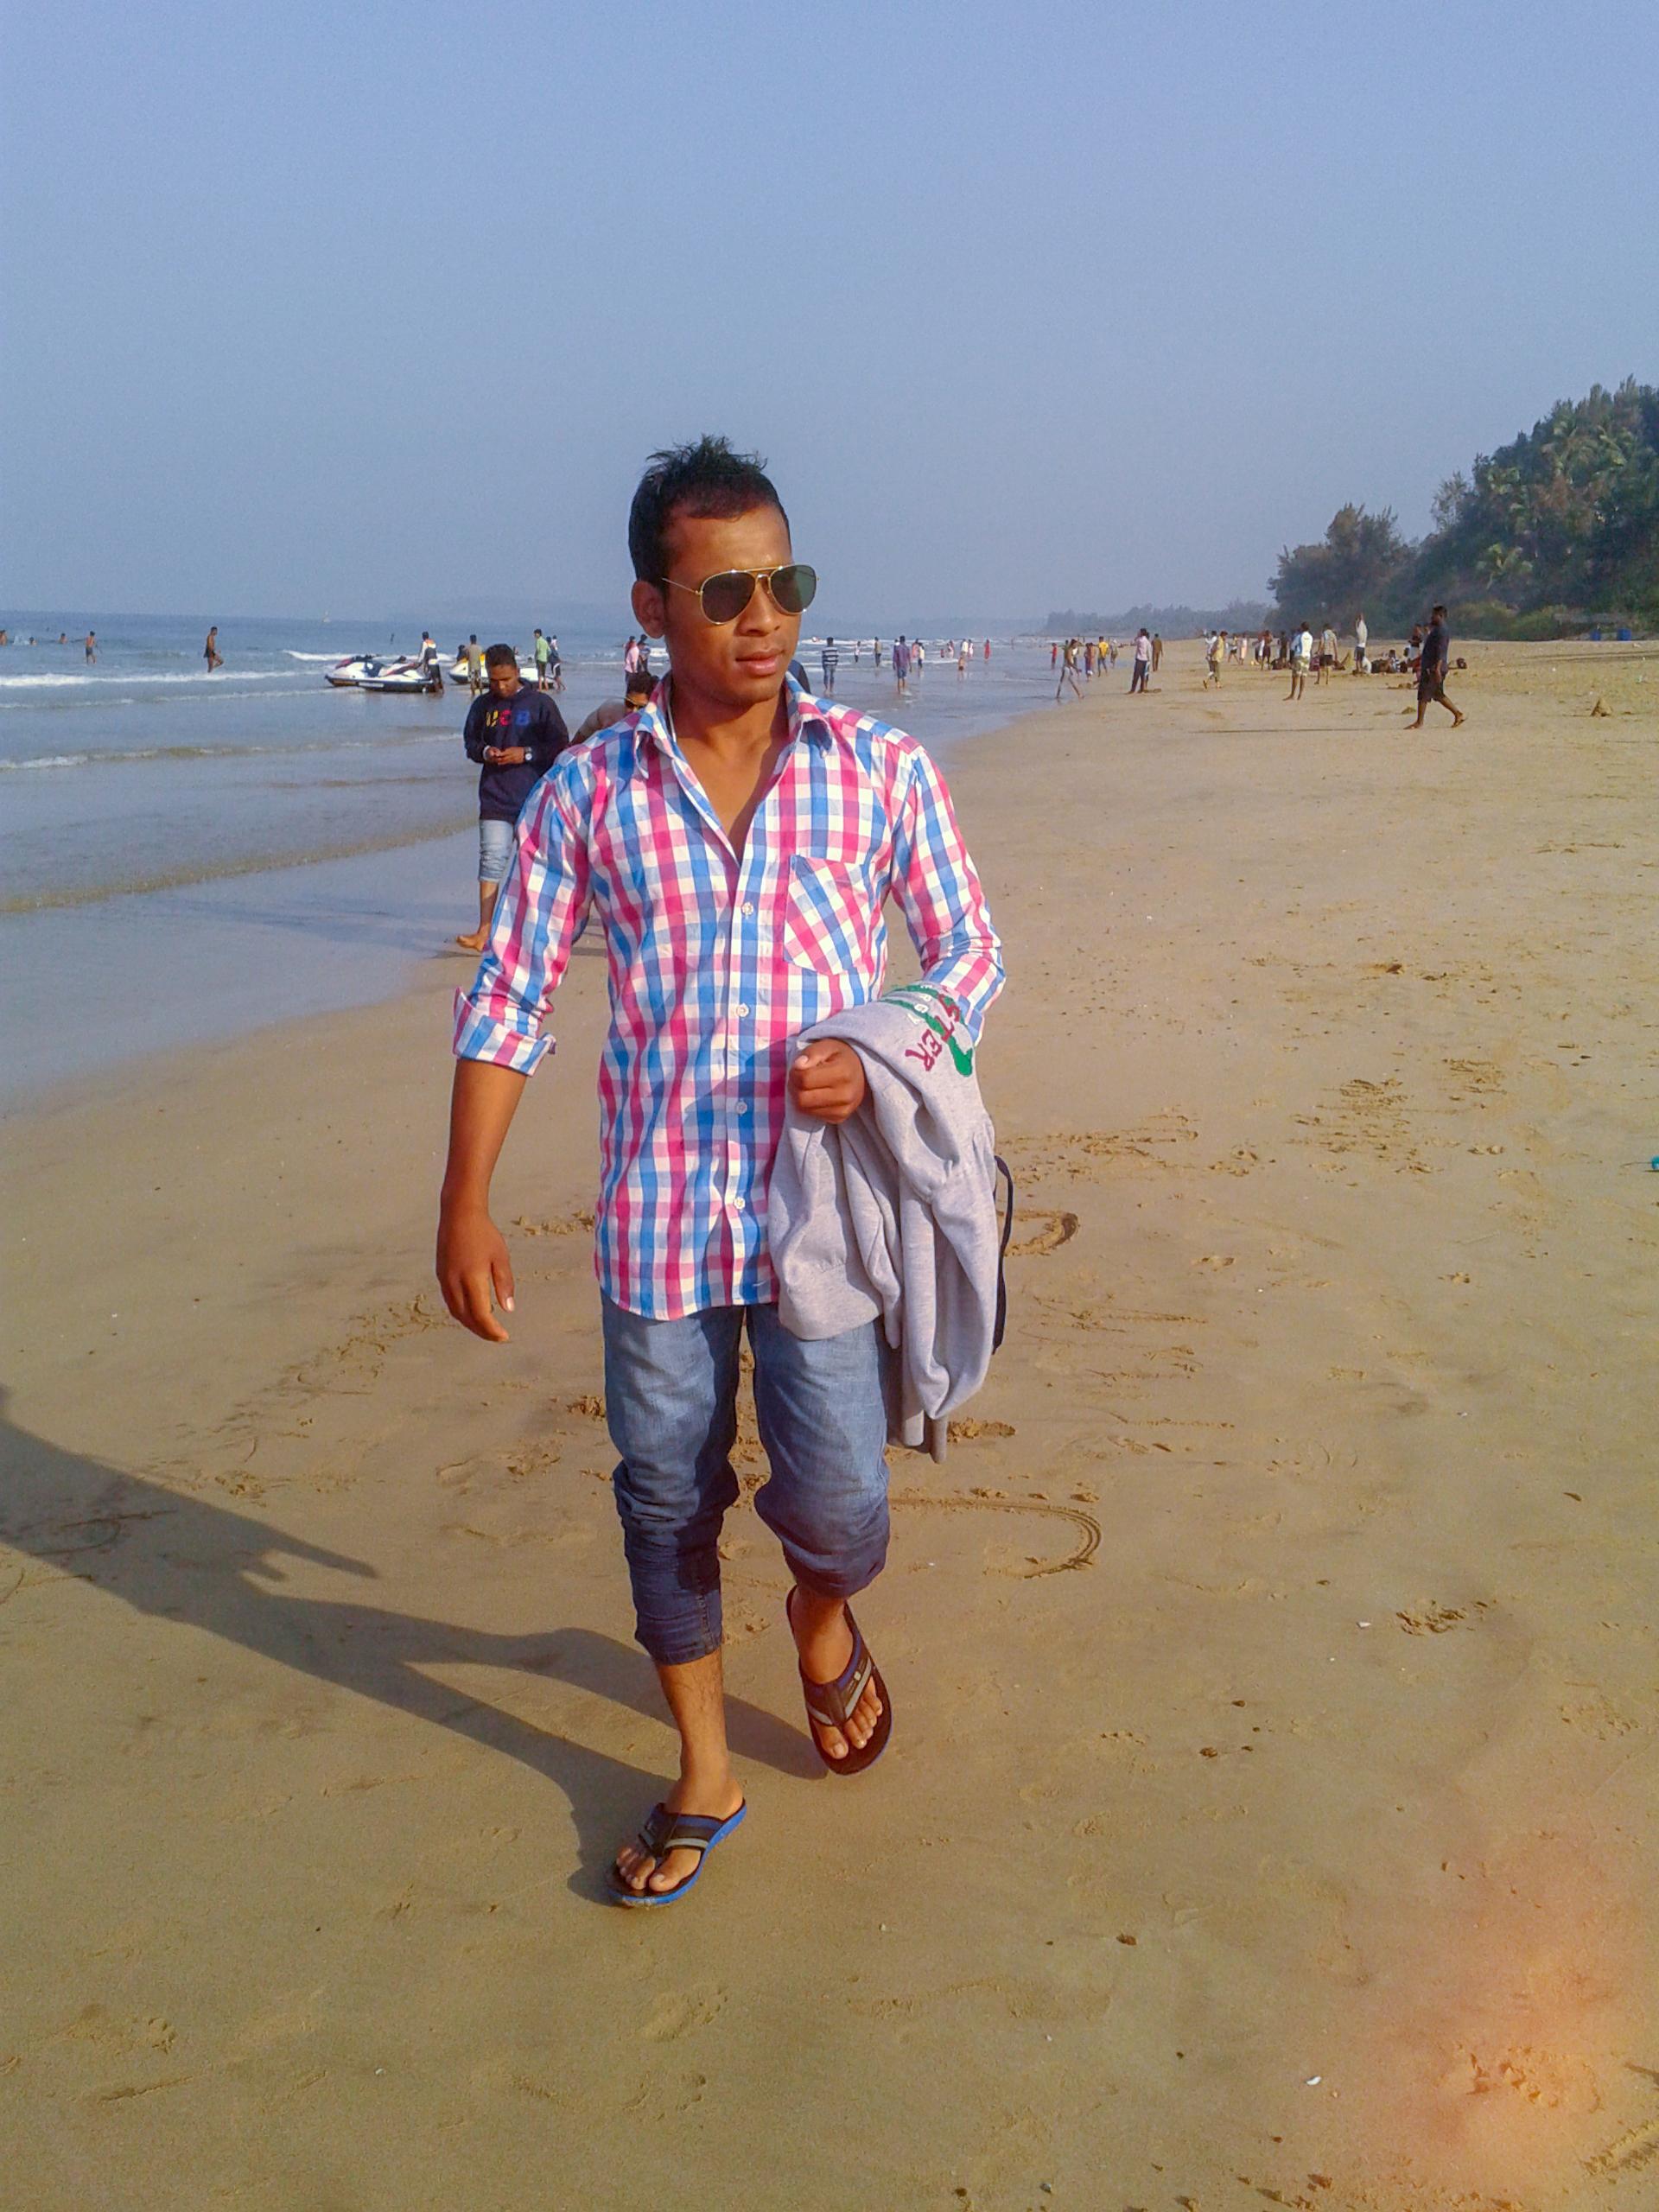 A boy waling on a beach